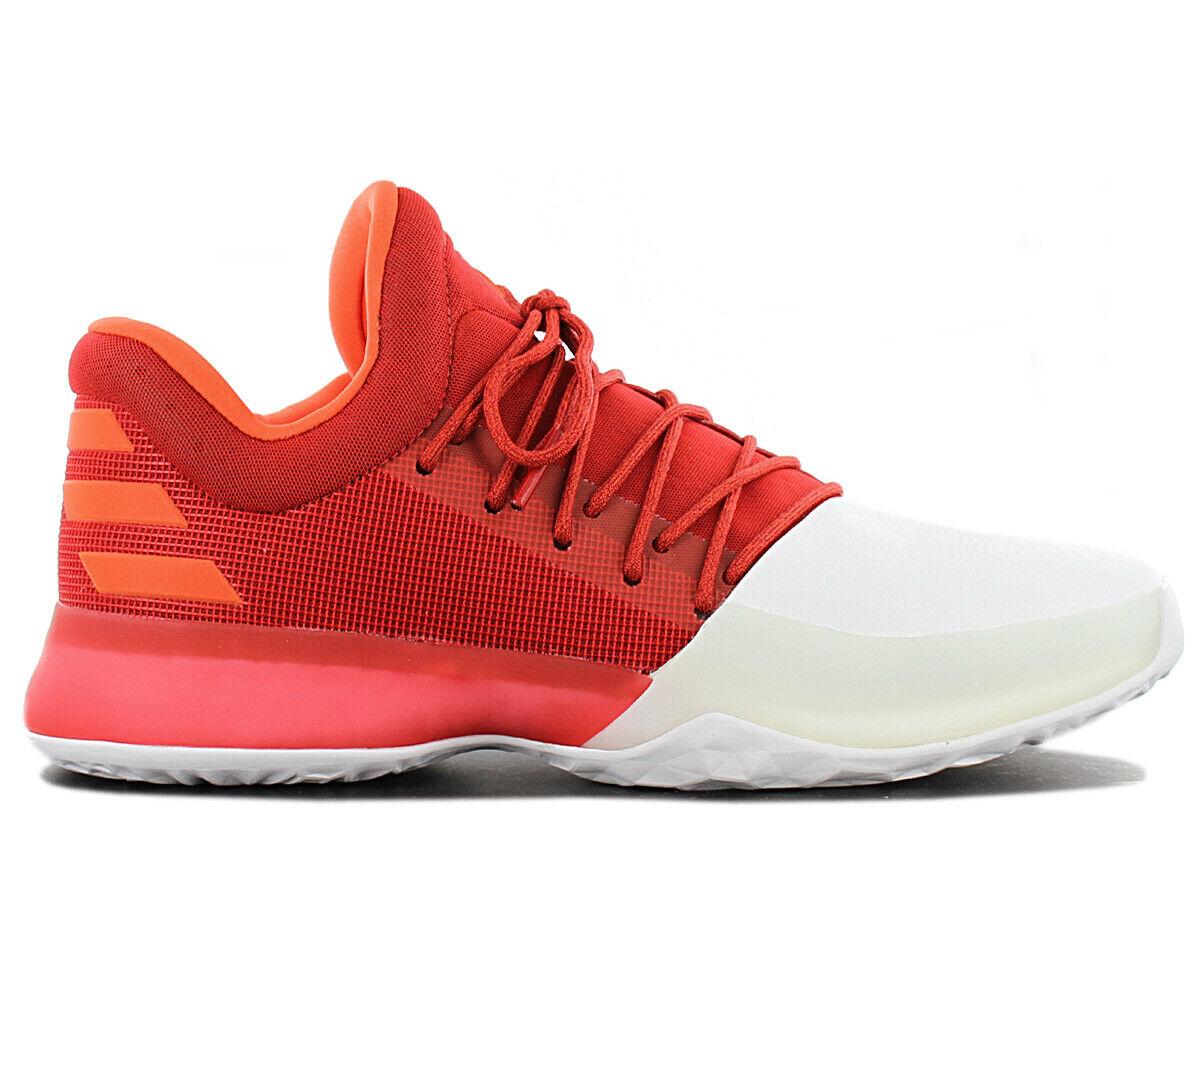 Adidas harden Vol. 1 caballeros Boost zapatos de baloncesto bw0547 cortos zapatillas de deporte nuevo